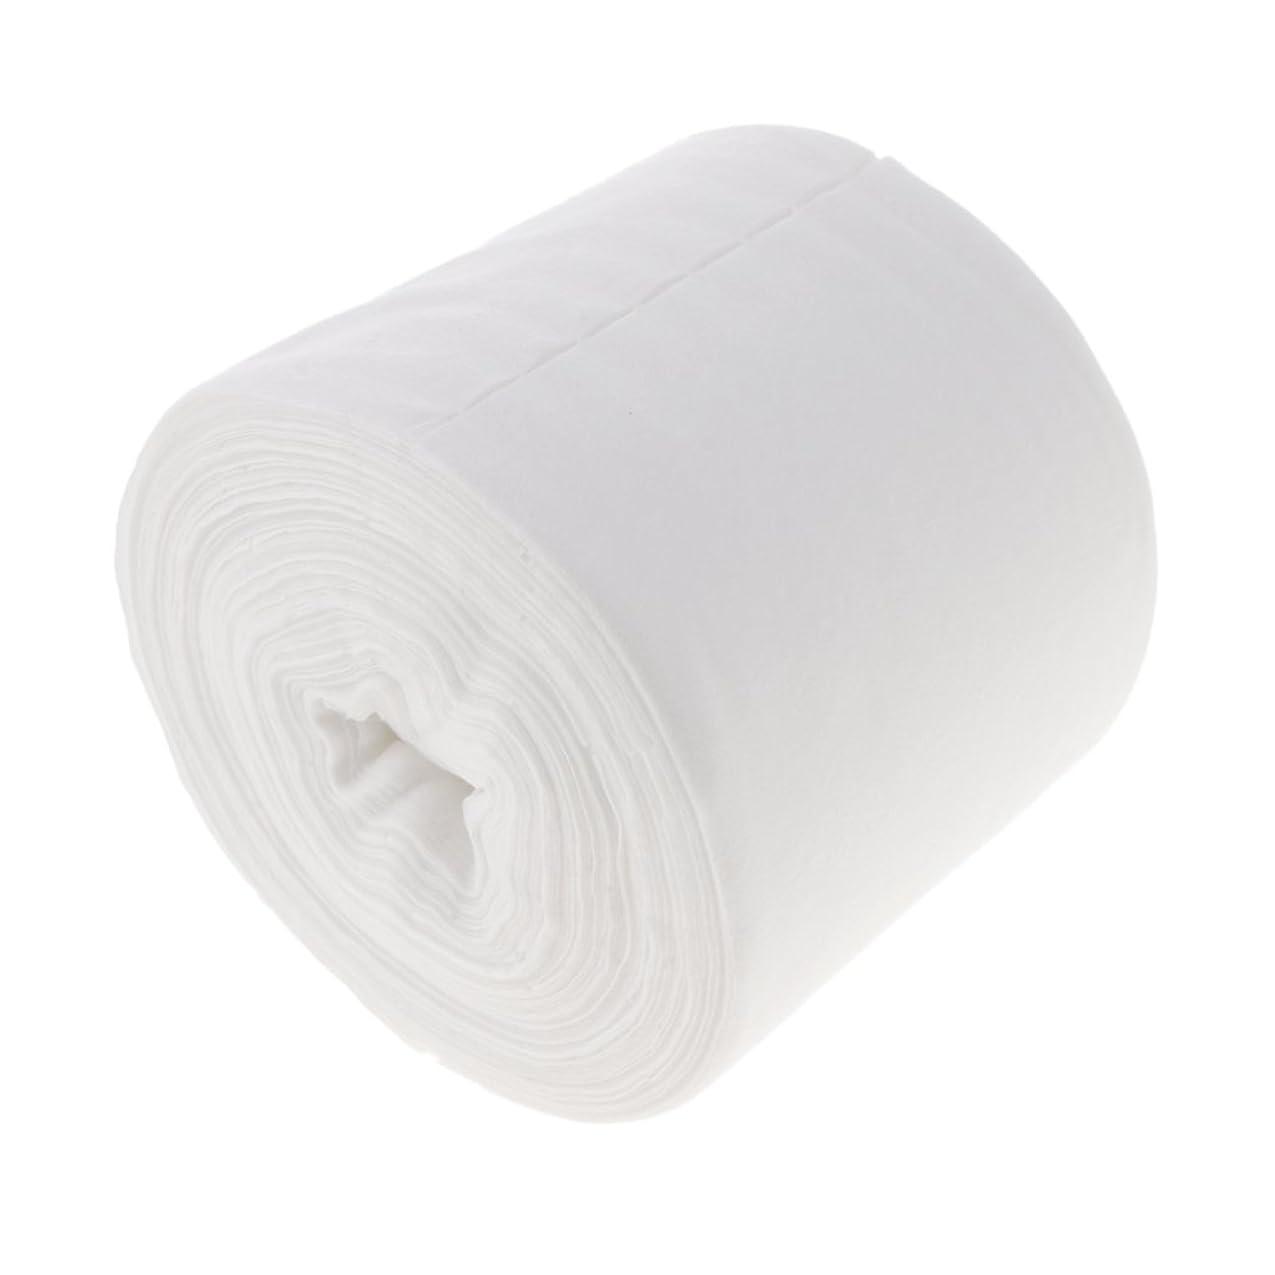 デッキクラック端末Perfk 洗顔 クリーニング タオル 使い捨て 顔用タオル 柔らかい